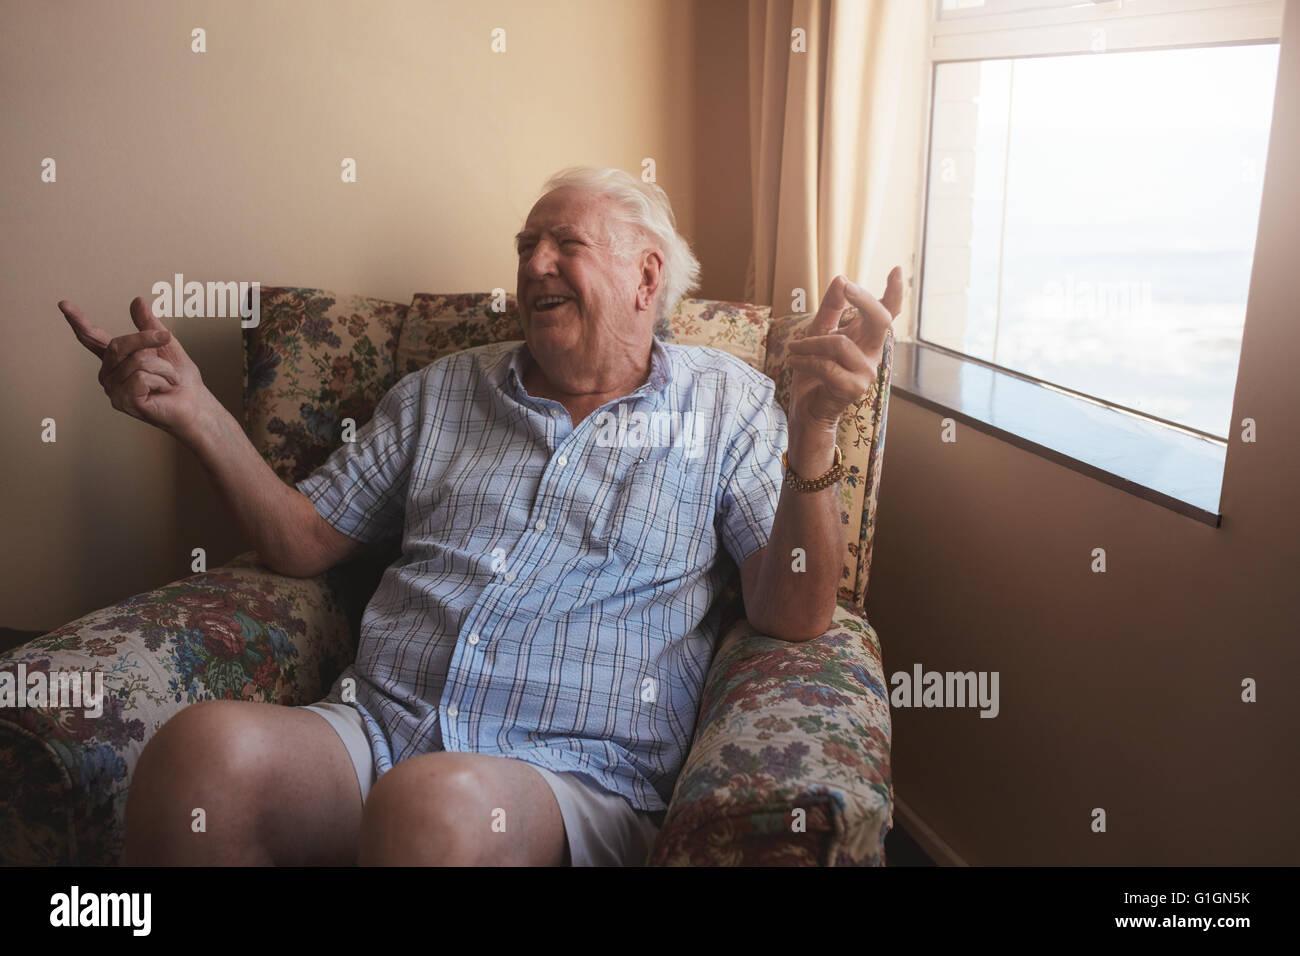 Innenaufnahme des glücklichen Alter Mann sitzt auf einem Sessel und lächelte. Senior woman entspannend Stockbild